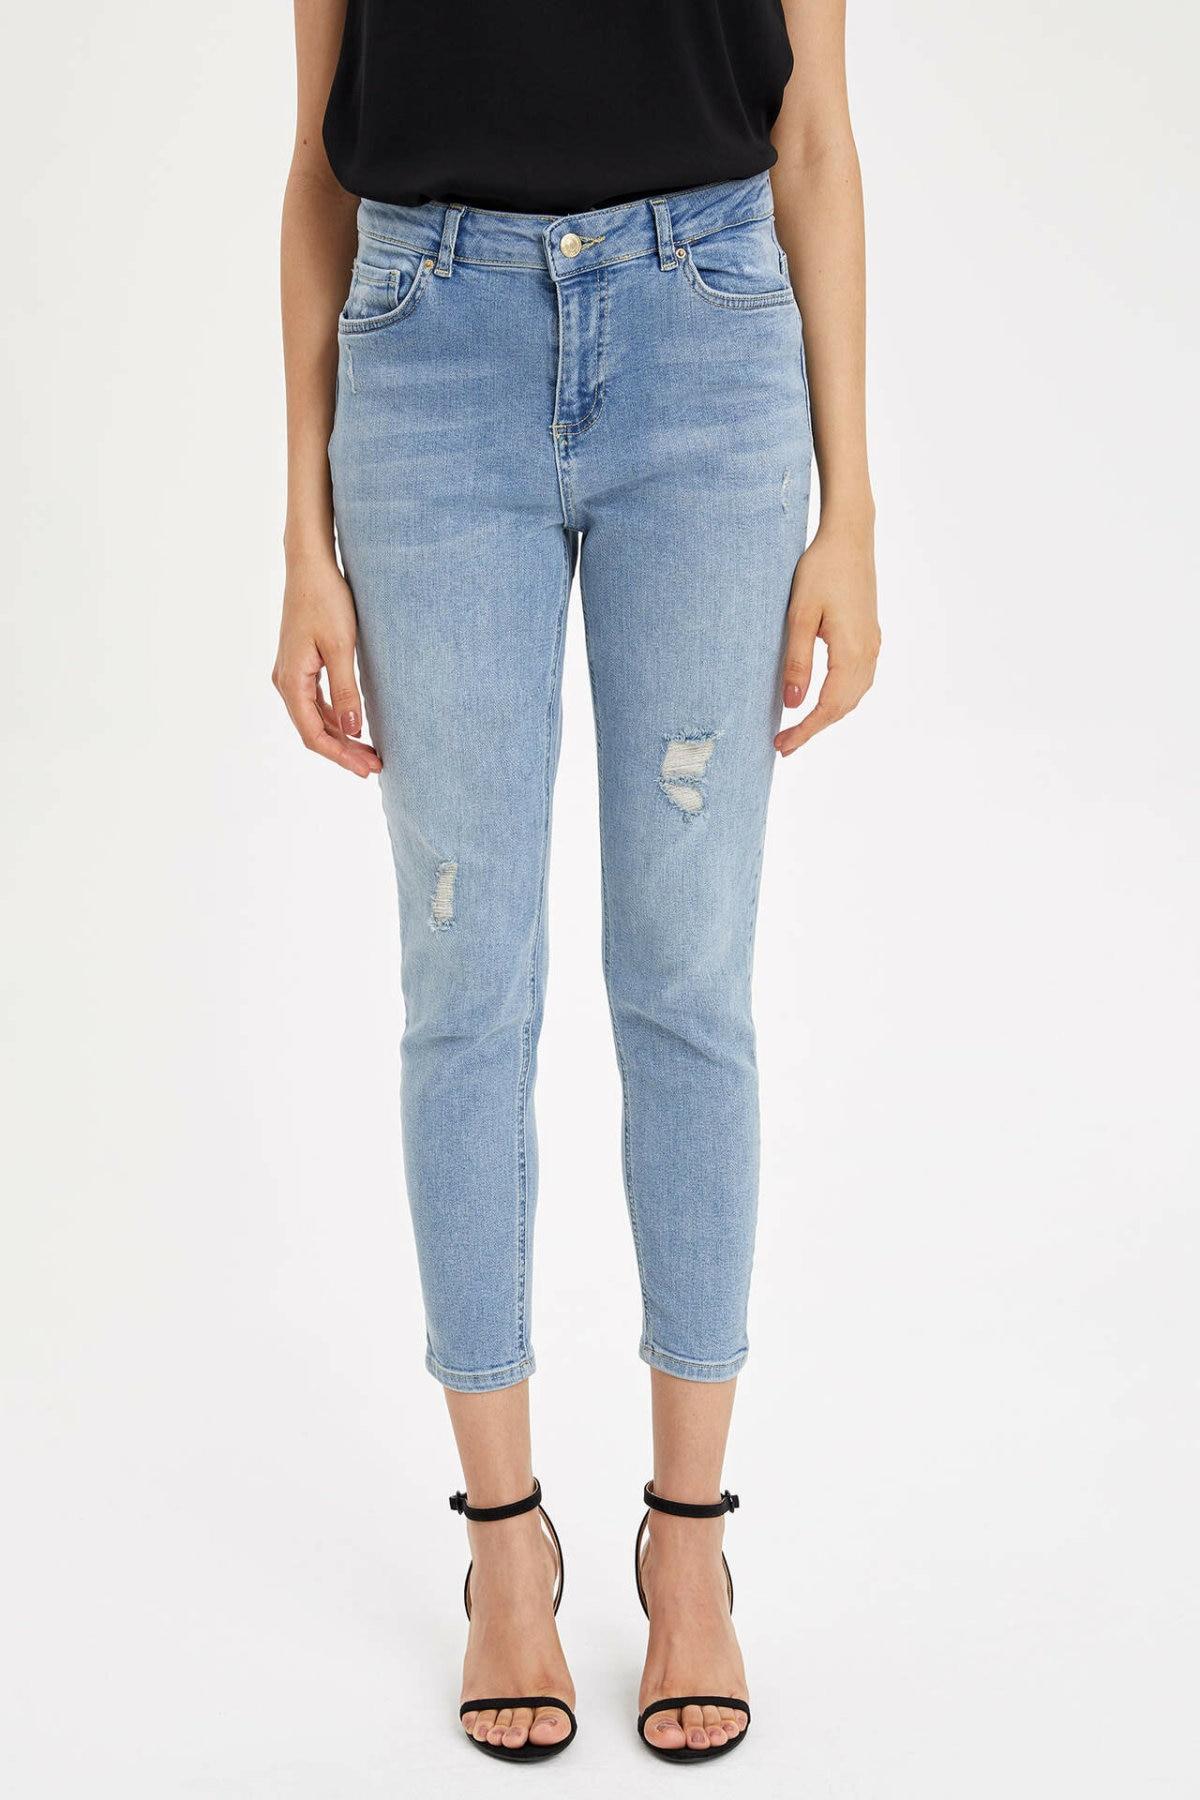 DeFacto Light Blue Women Skinny Jeans Denim Casual Mid-waist  Female Pencil Denim Stretch Simple Denim Trousers-L4860AZ19HS